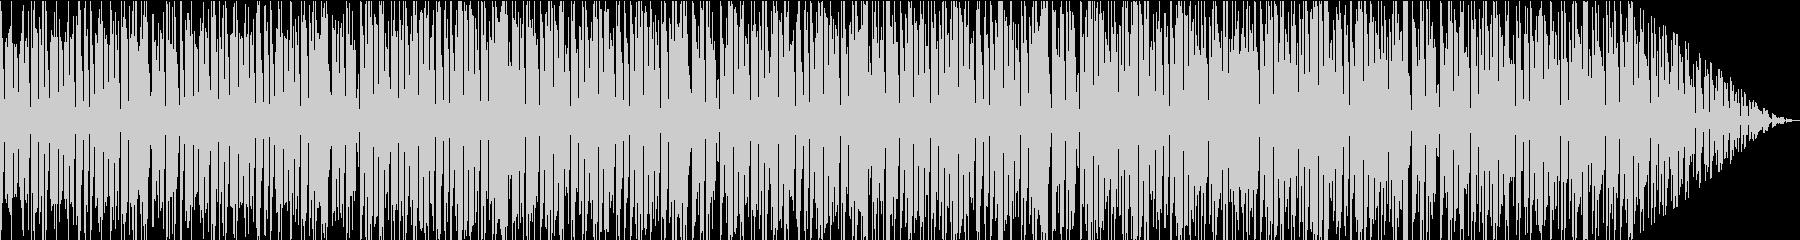 軽快で楽しいポップなエレクトロニカの未再生の波形